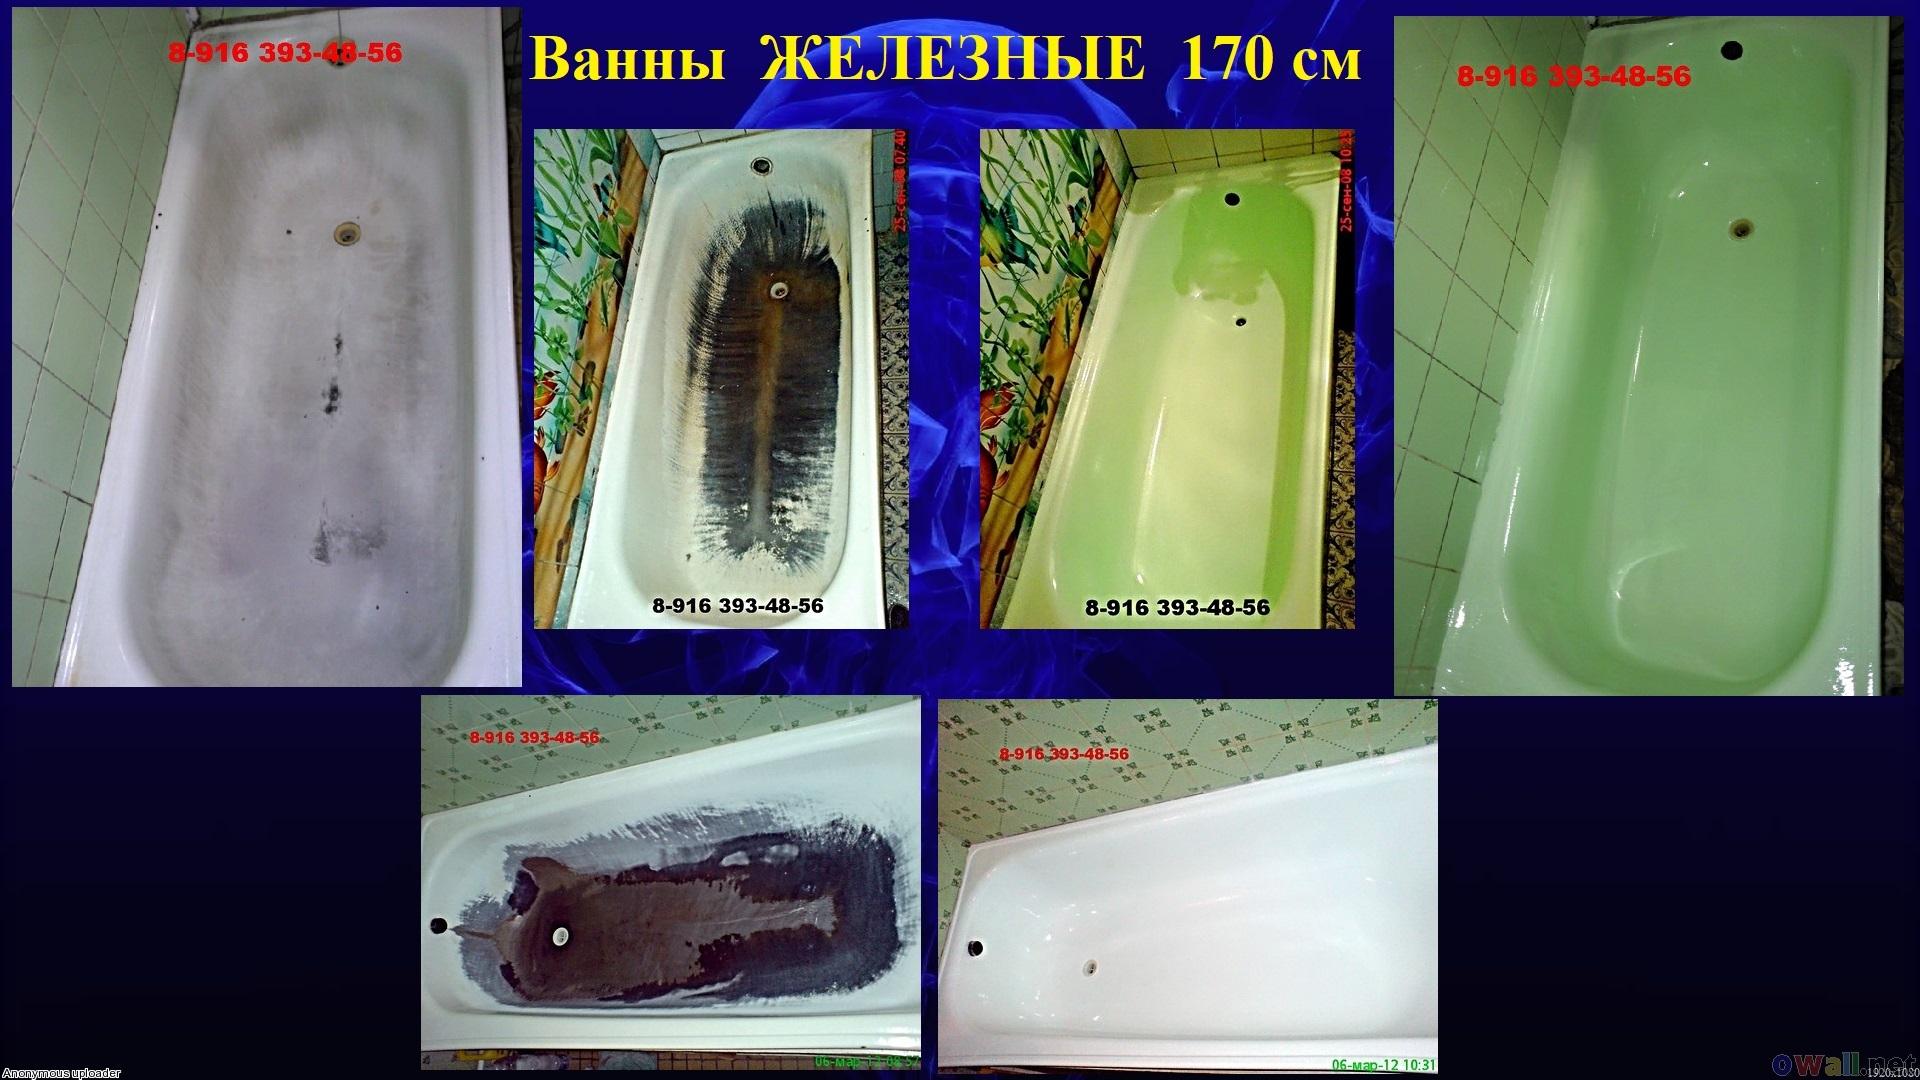 8-916 393-48-56 SUPER- Эмалировка,  реставрация ванн Москва, Подмосковье. Наливная ванна, акриловая вставка, вкладыш - Страница 6 H-53